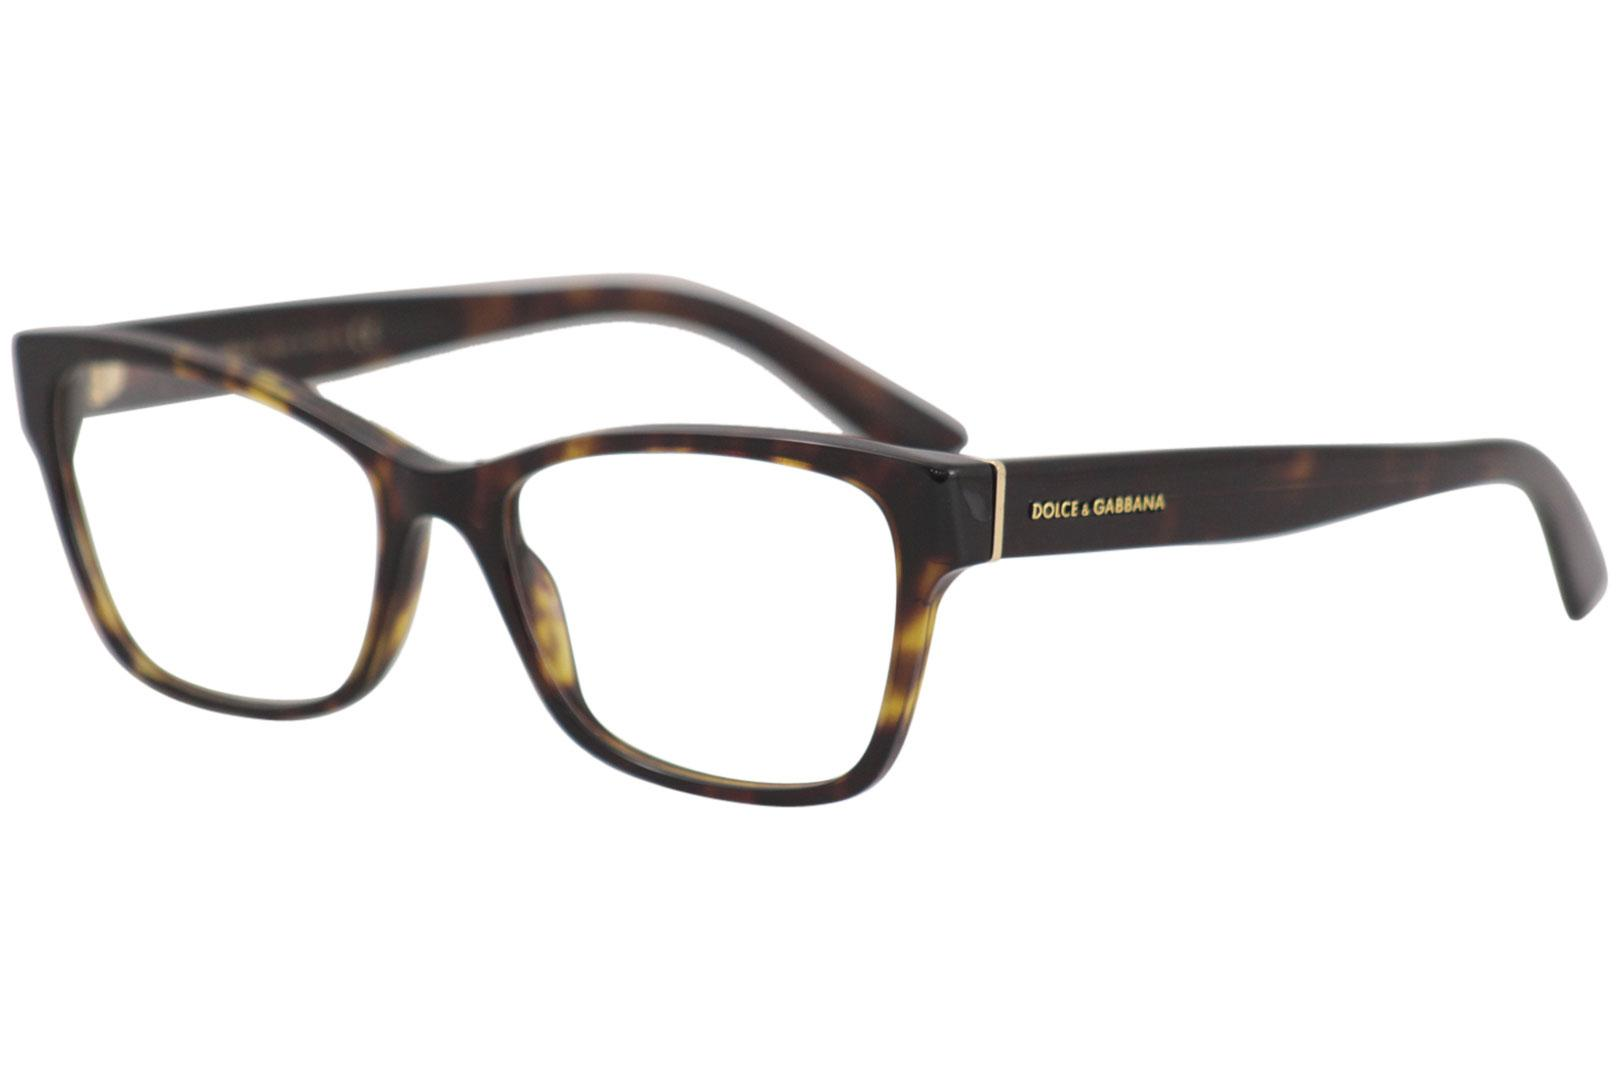 c8976f162568 Dolce   Gabbana Eyeglasses D G DG3274 DG 3274 502 Havana Optical ...